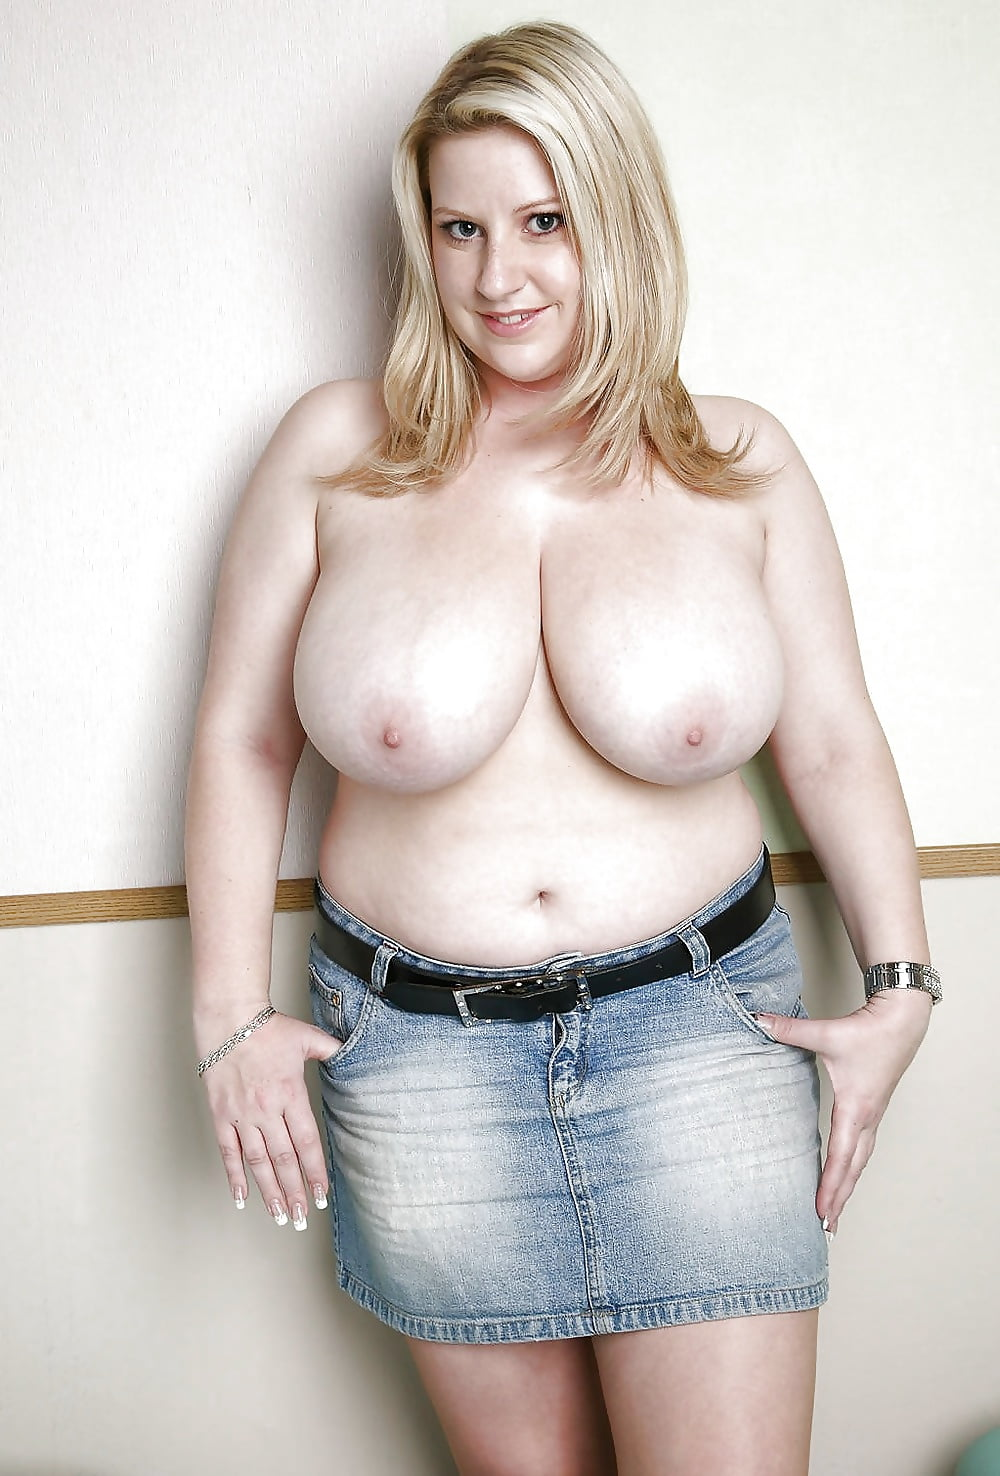 Chubby Girl Flashing Big Tits